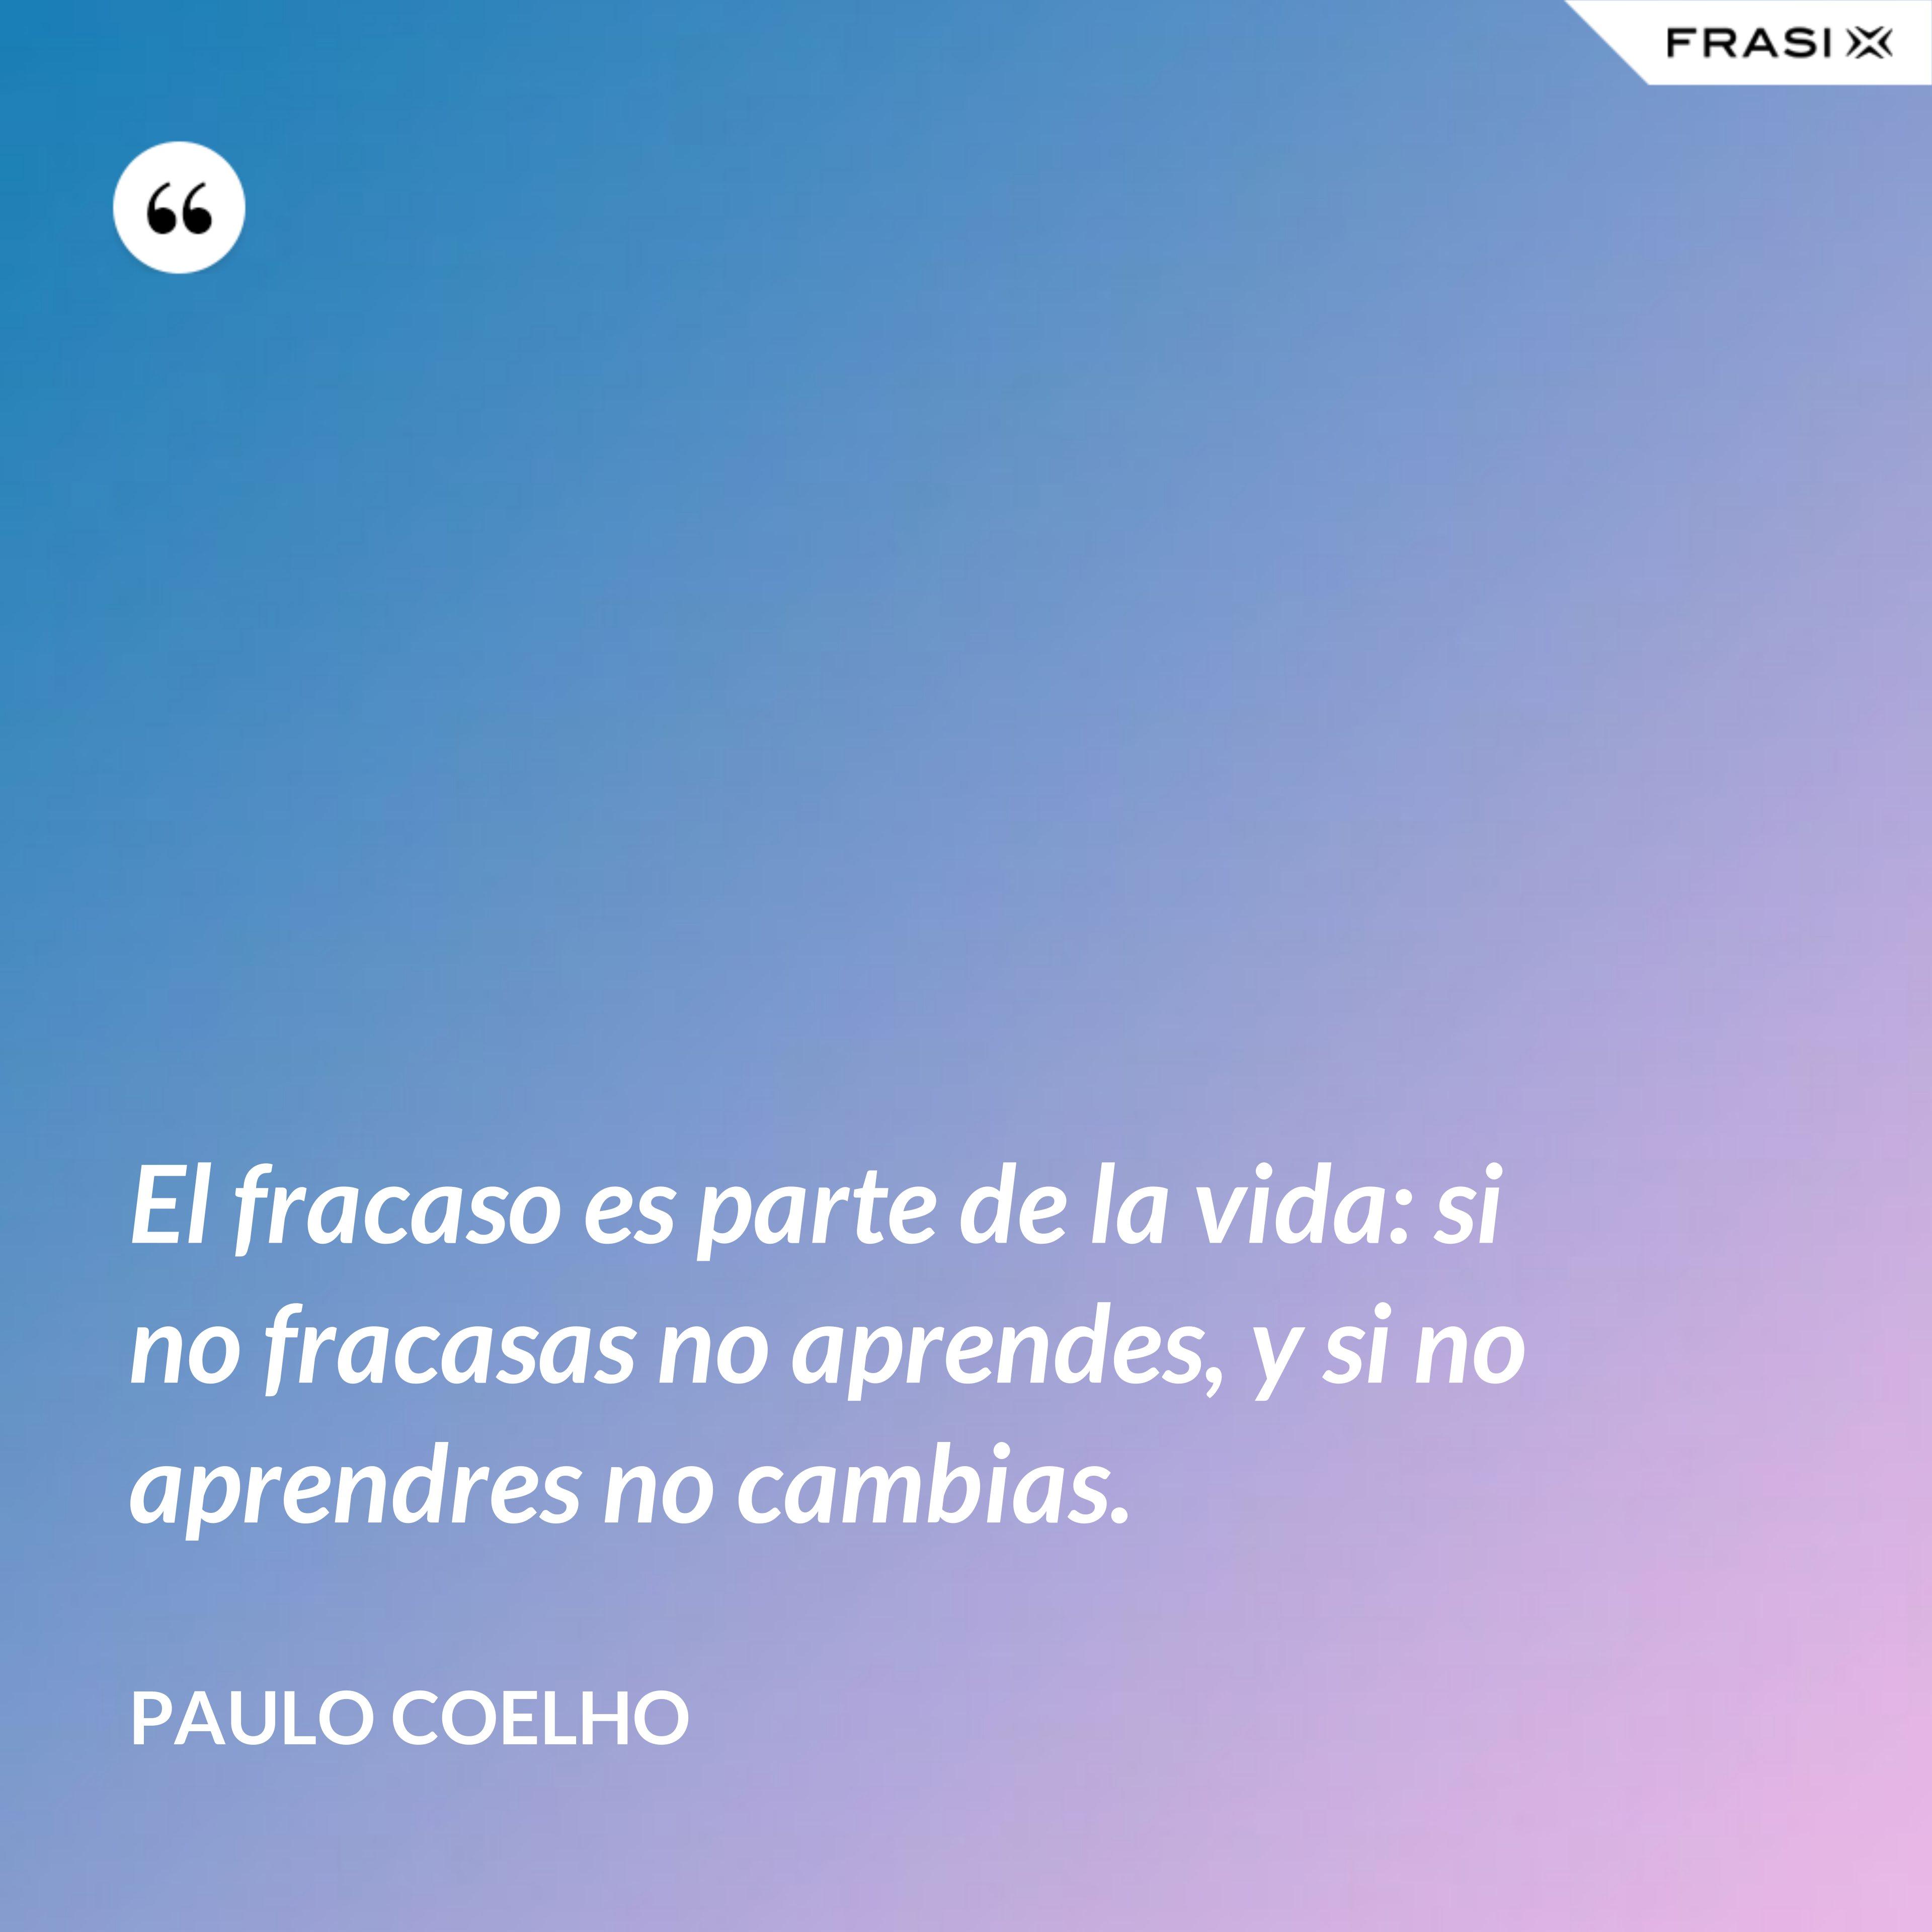 El fracaso es parte de la vida: si no fracasas no aprendes, y si no aprendres no cambias. - Paulo Coelho